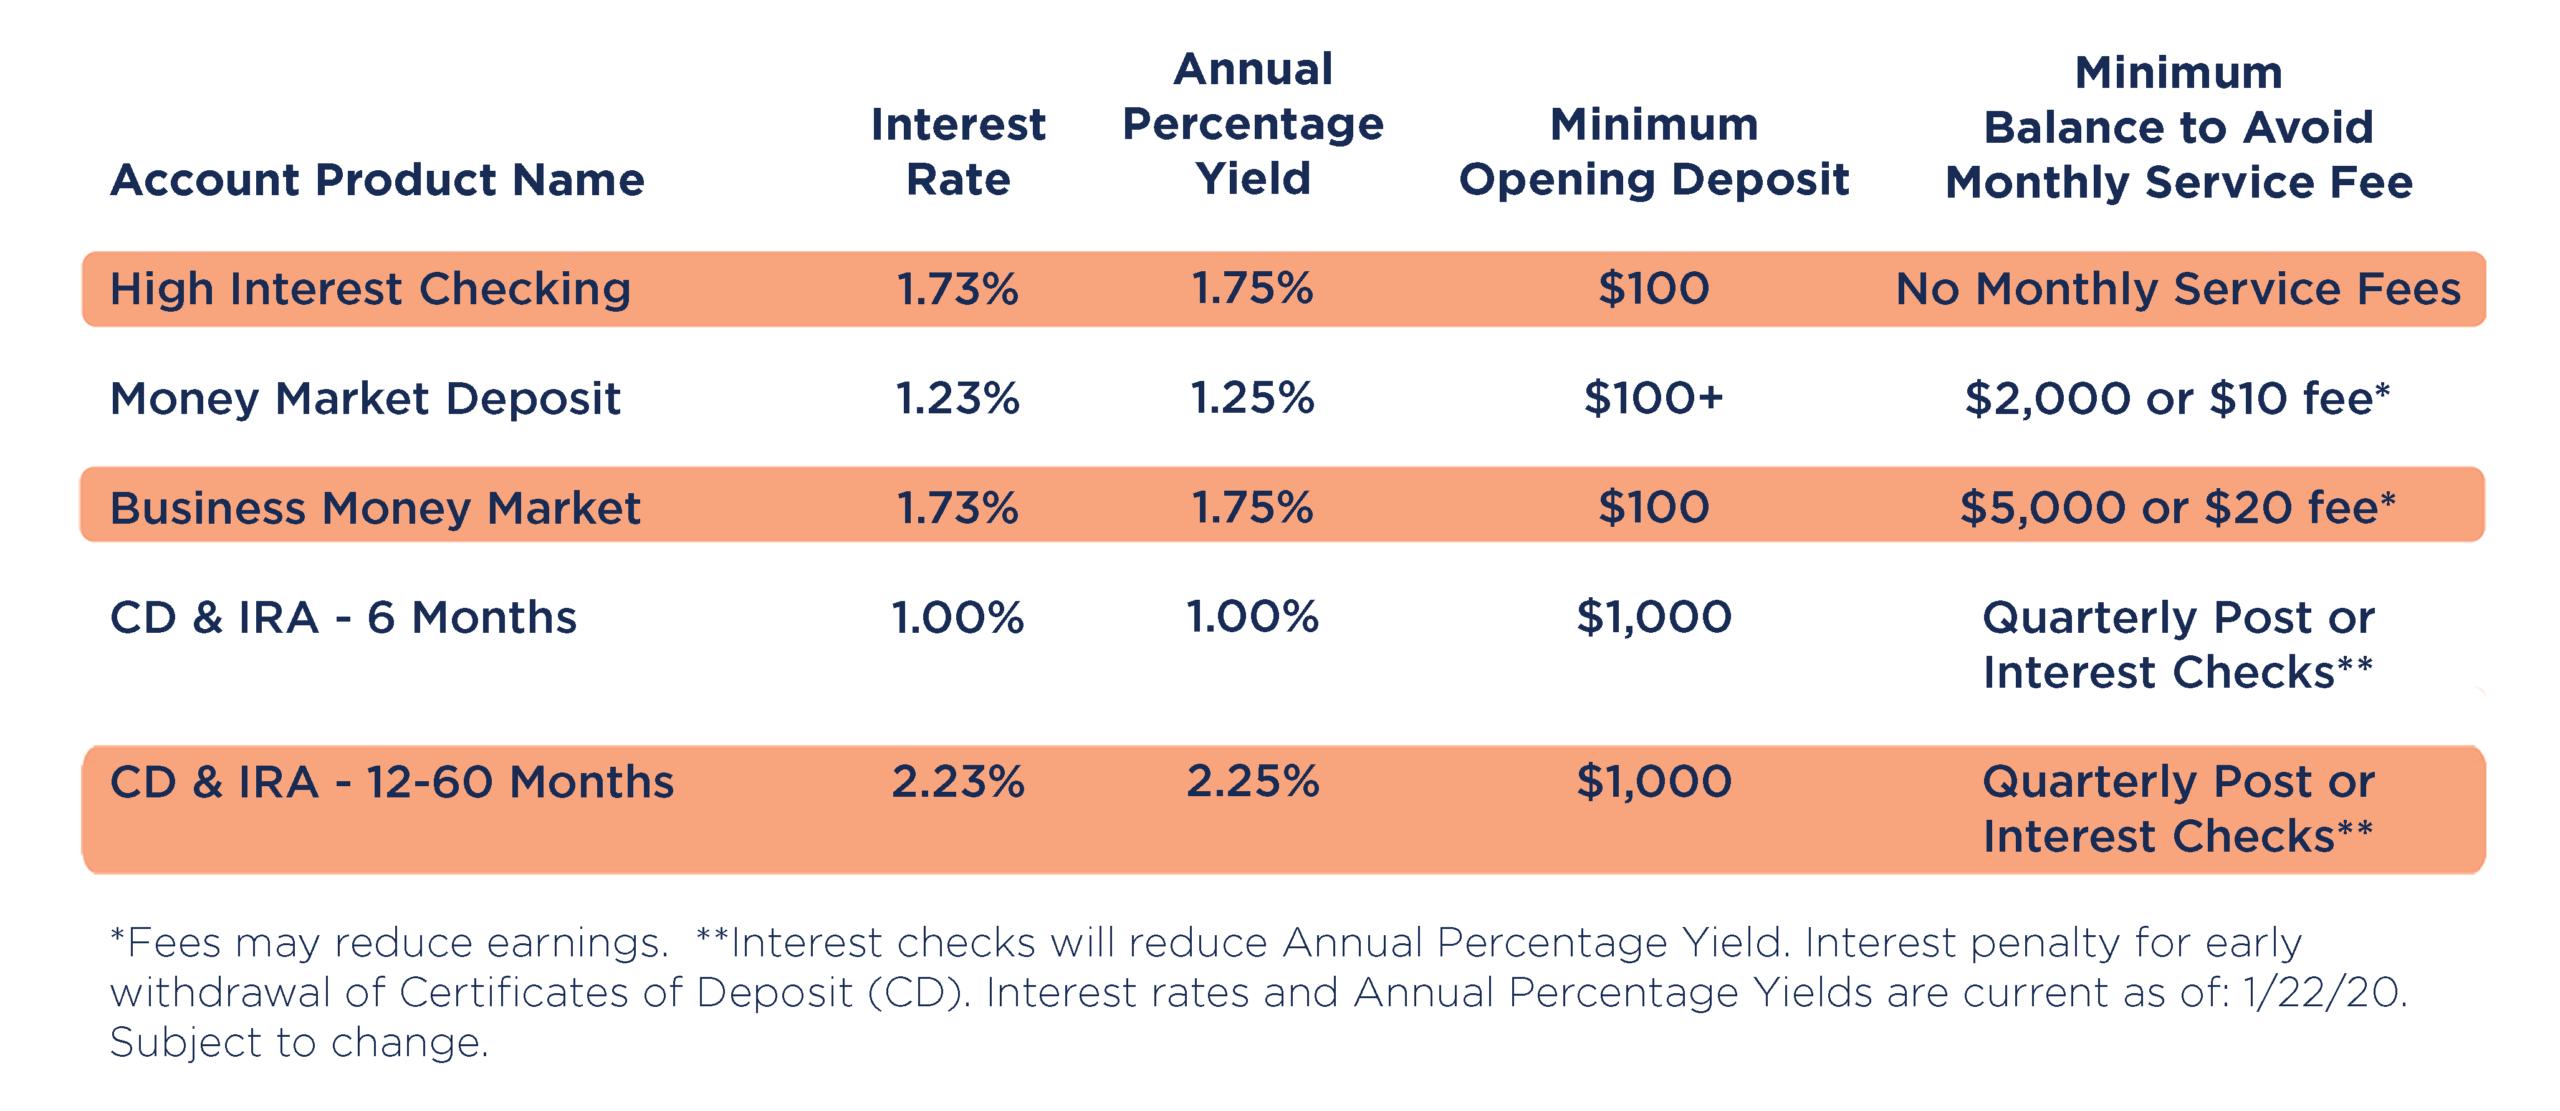 Paramount Bank St Louis North County APY Checking CD Savings IRA Minimum Balance Money market Deposit Certificate